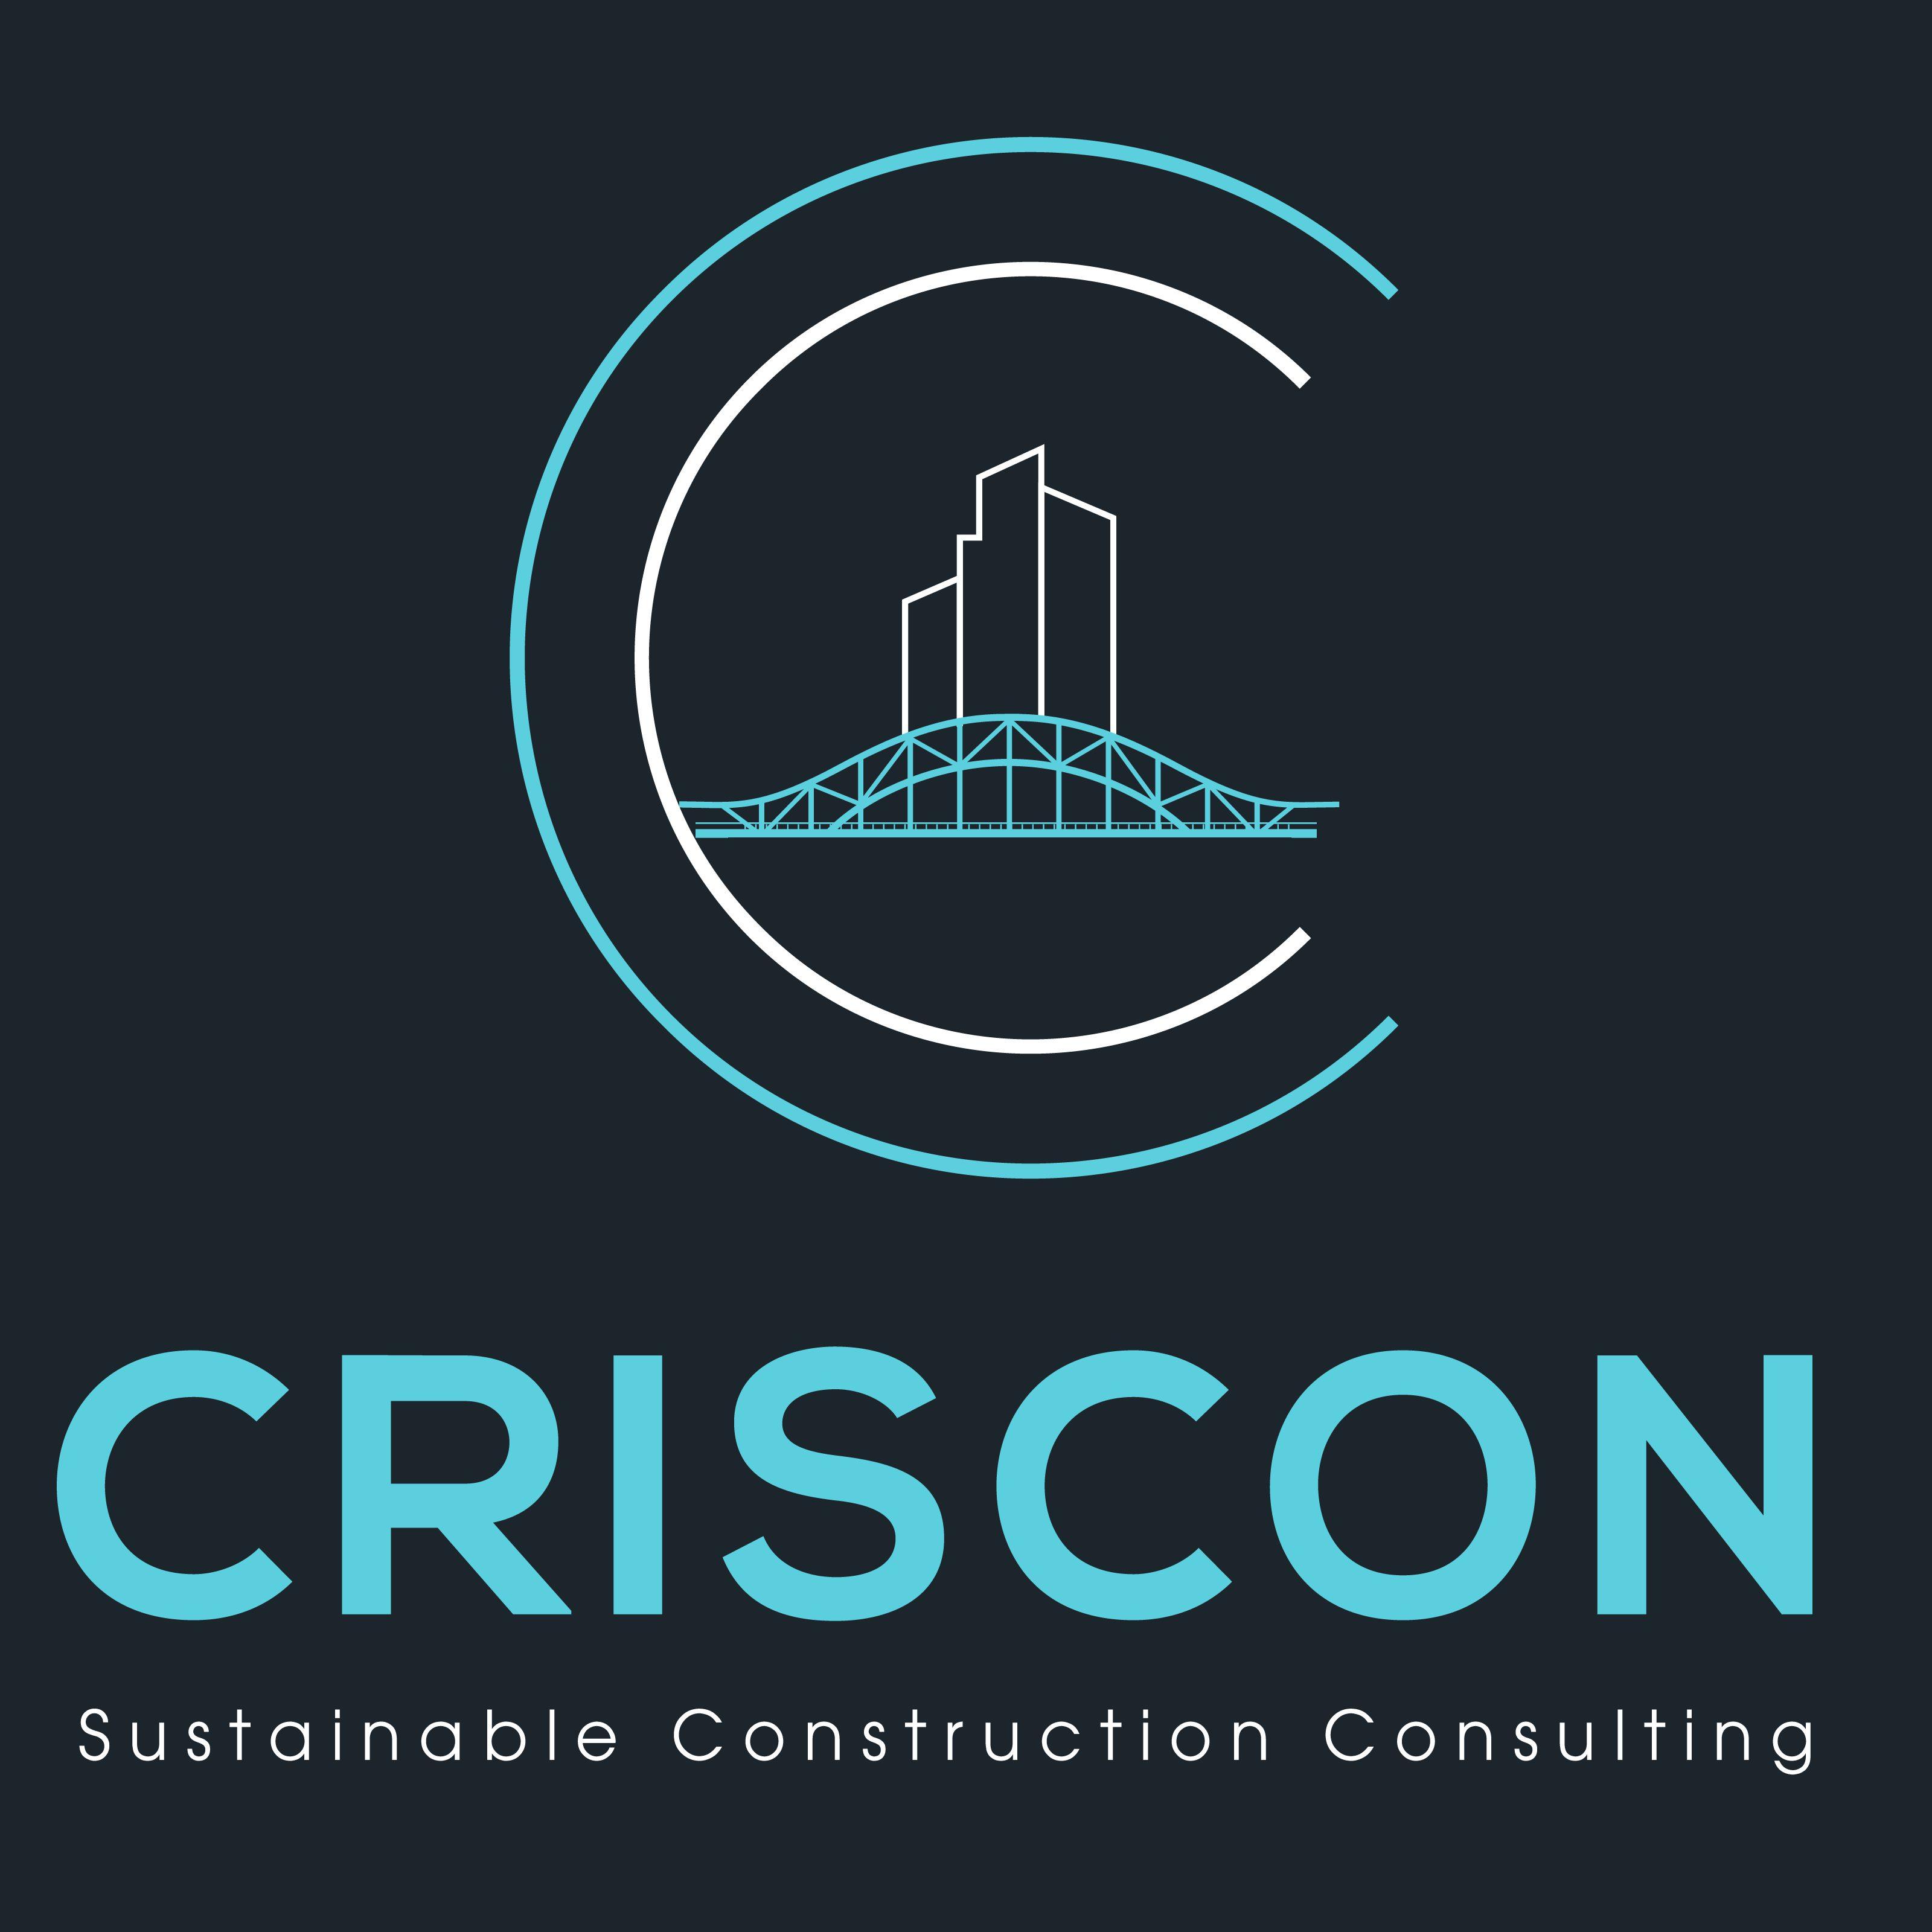 CRISCON